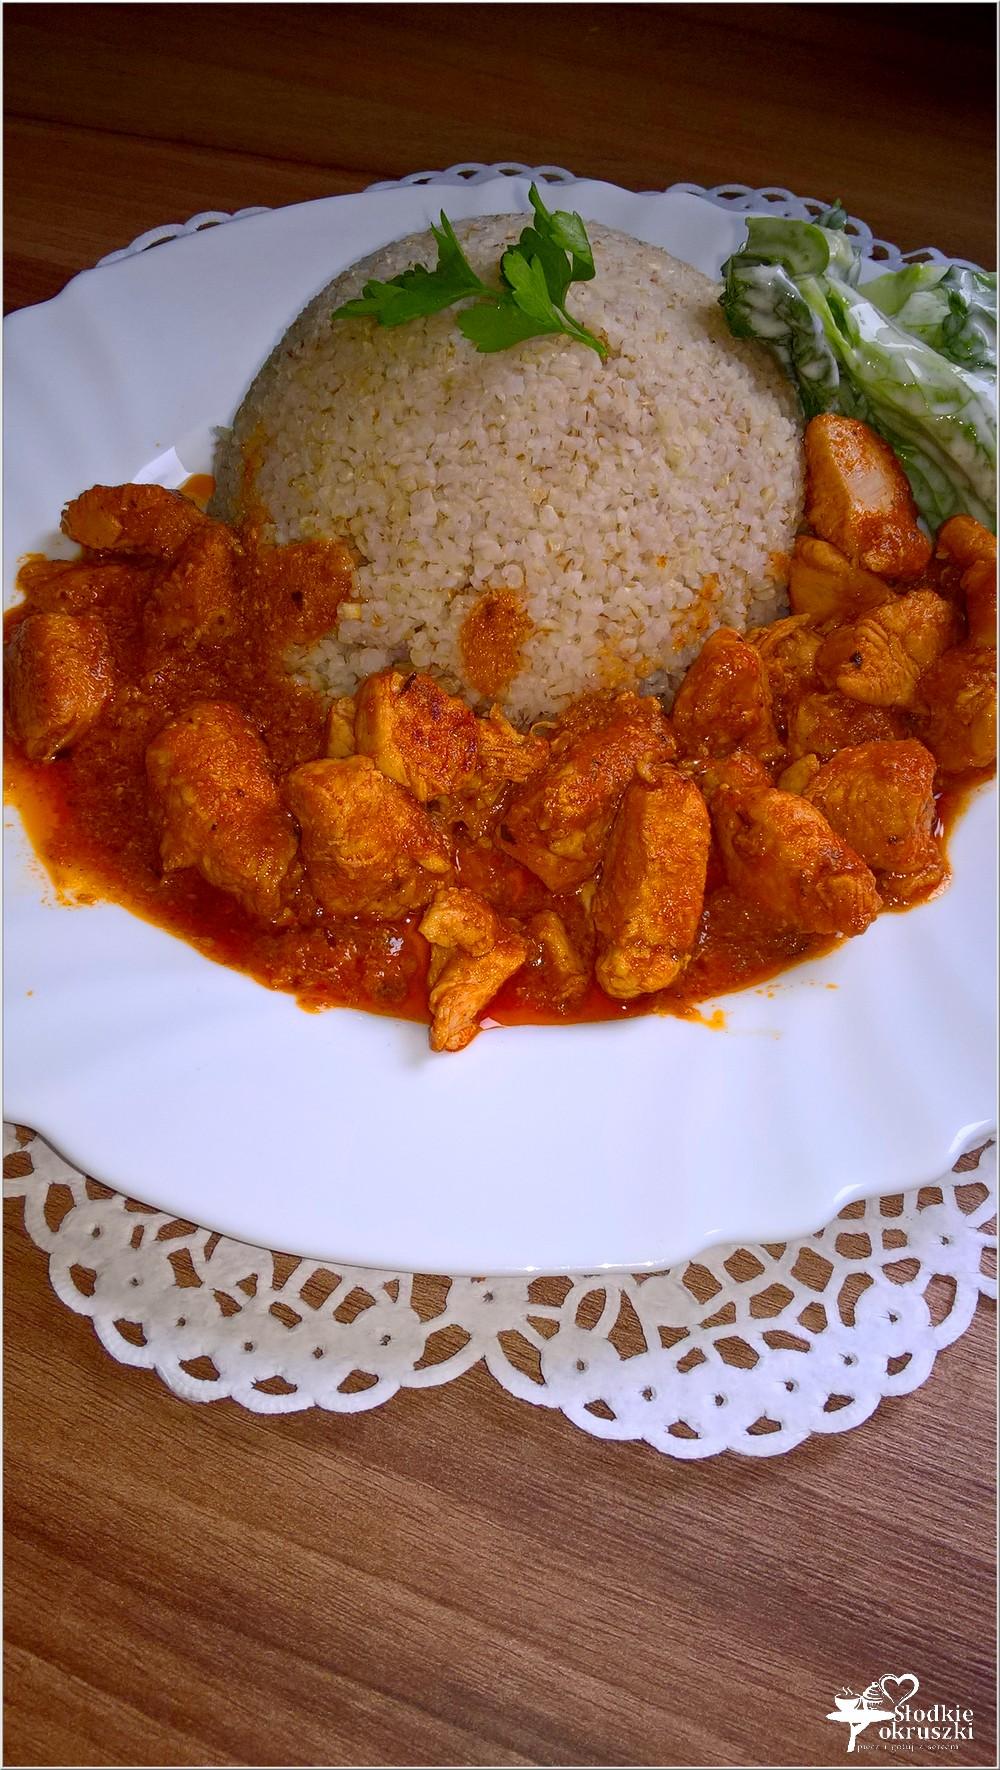 Piersi z kurczaka w pomidorowym sosie podane z kaszą jęczmienną (1)